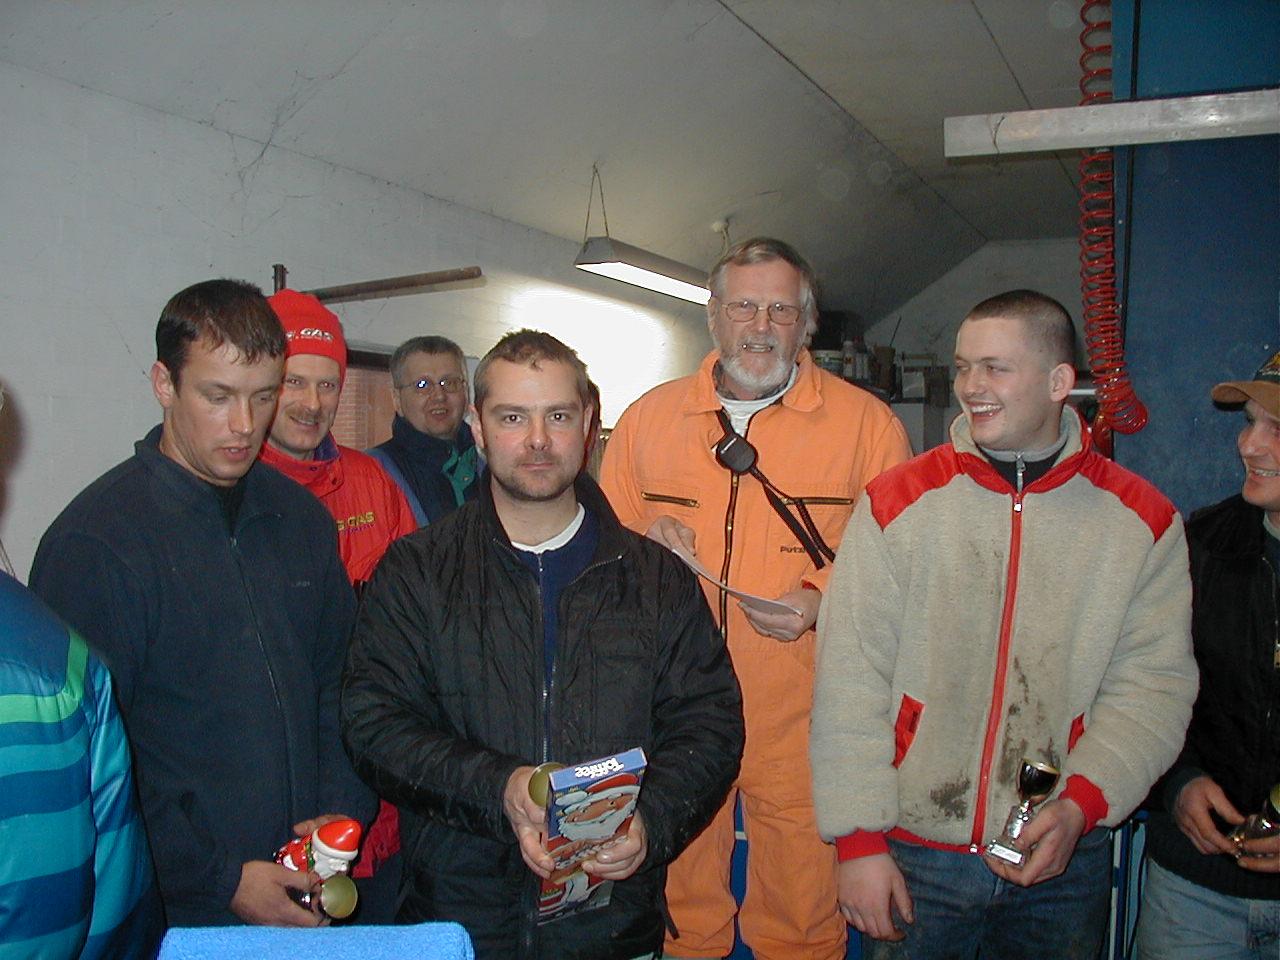 Præmieuddeling img2. De 5 første. Fra venstre Kenneth Mikkelsen 3, Steen Boris 2, Lars Sørensen 1, Michael Dyrlund 4, Søren B. 5